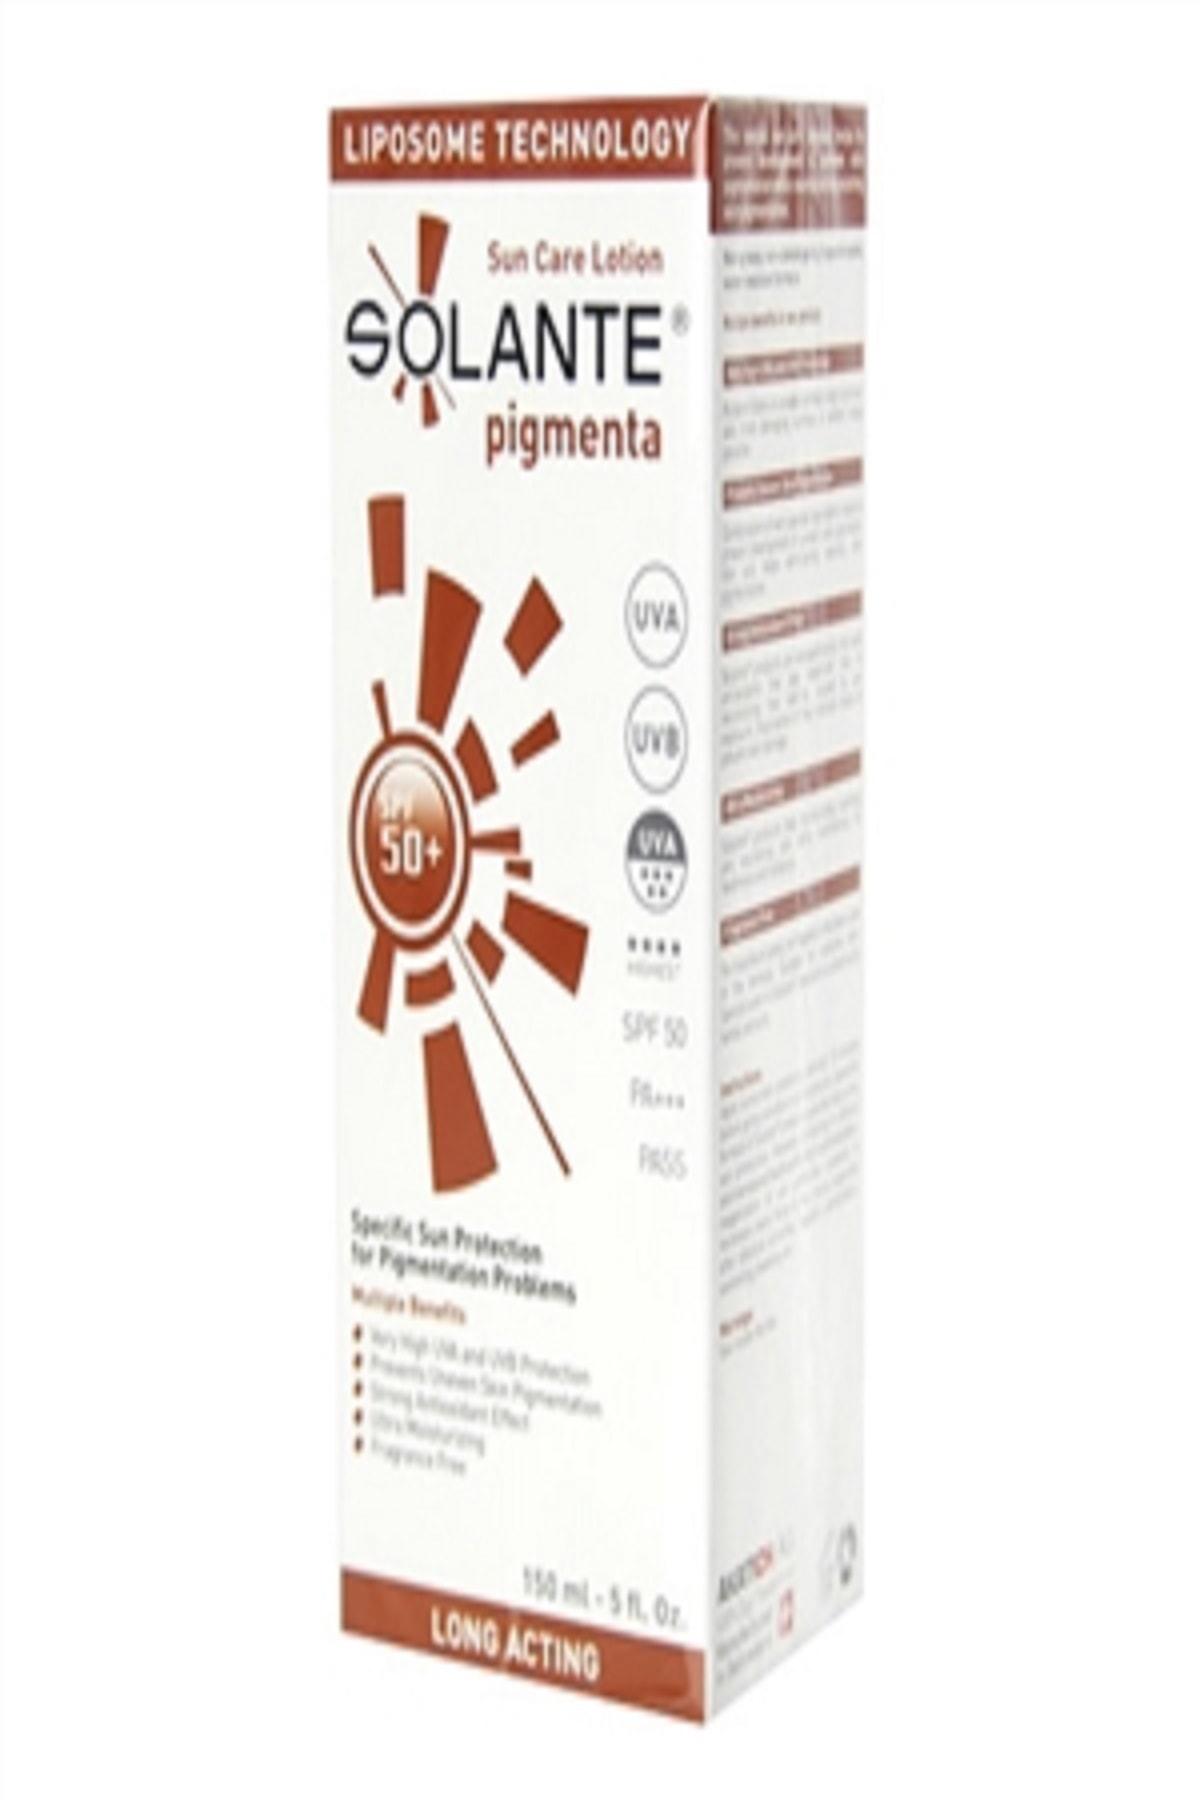 Solante Pigmenta Güneş Koruyucu Losyon 150ml Spf50+ 1